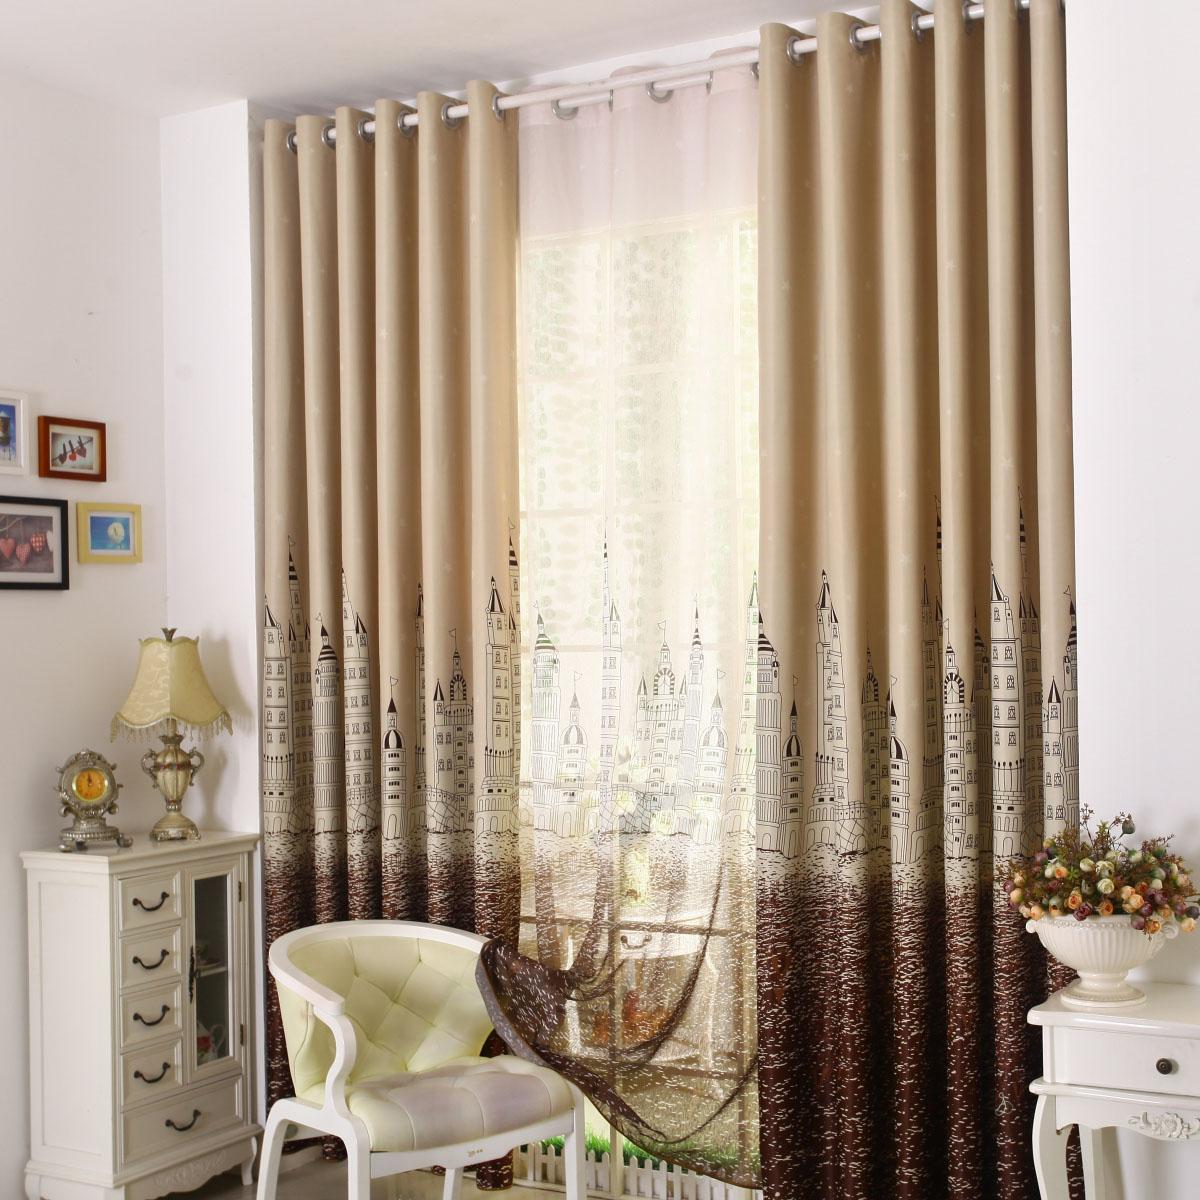 Печатные шторы и производит высокое качество тени ткань ткань гостиная спальня замок на электронной почте специальные пряжи занавес воды